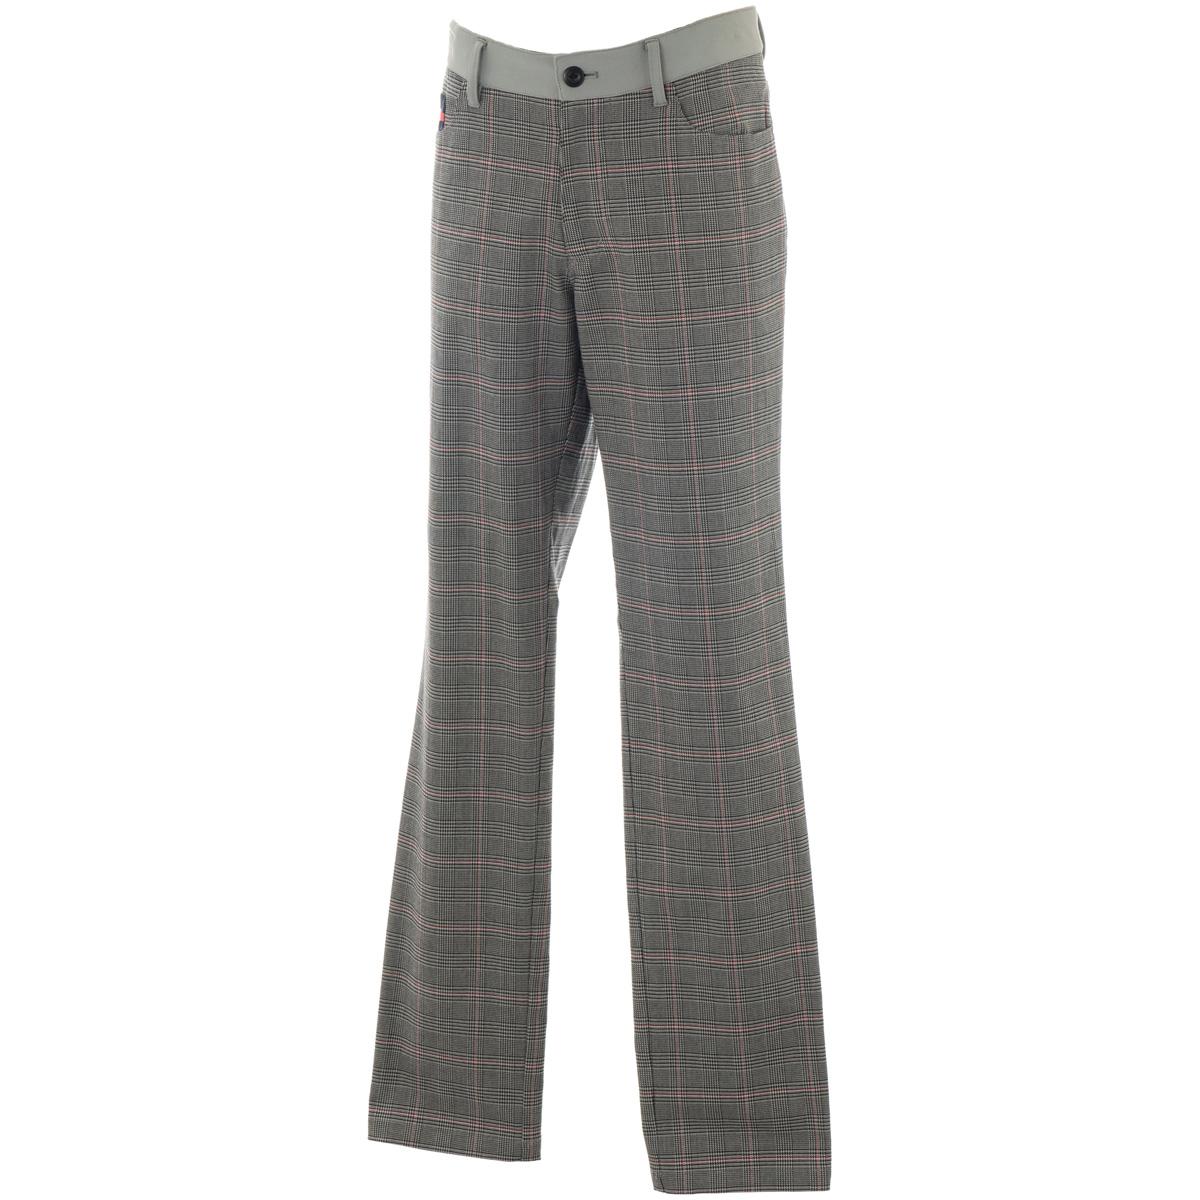 ストレッチ オリジナル グレンチェック パンツ